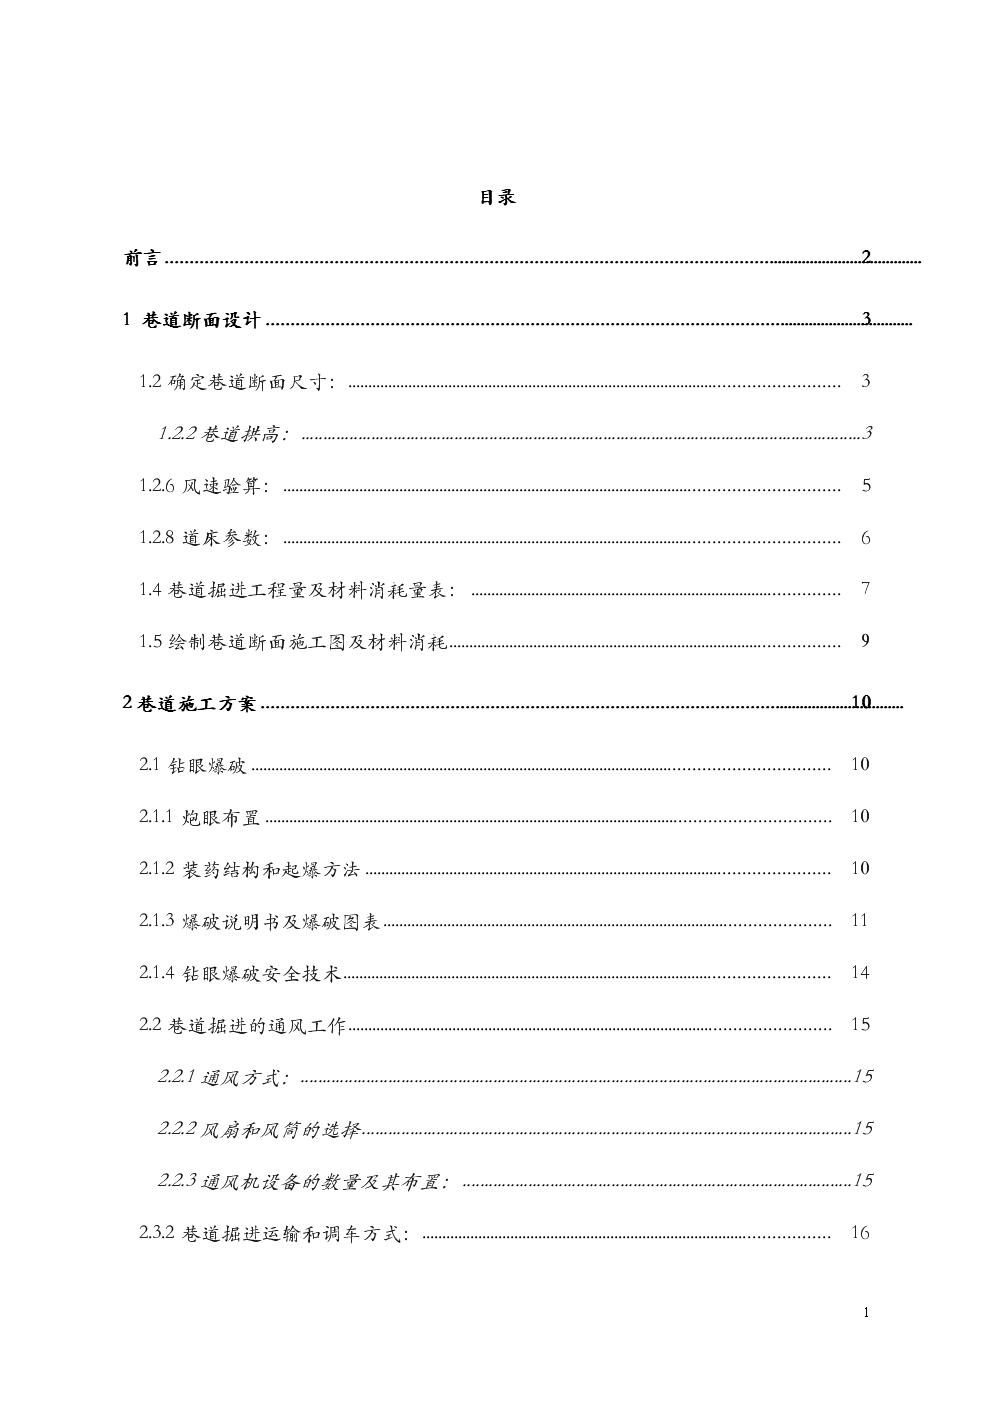 凉水井煤矿第一水平机轨合一运输大巷直线段设计.doc